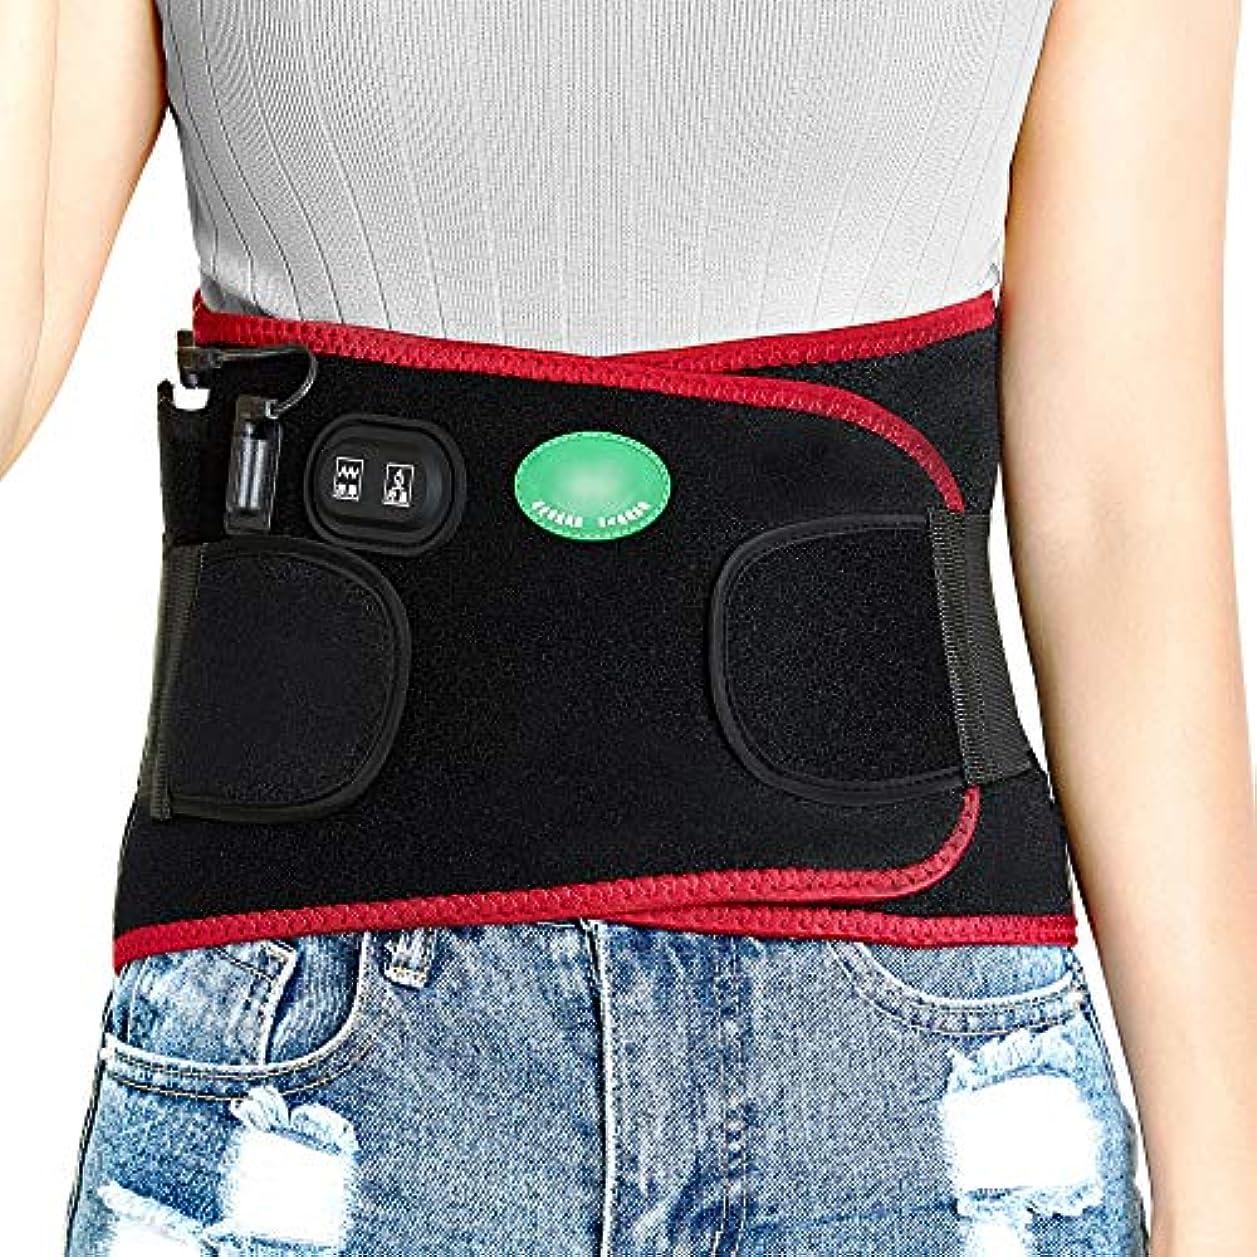 放射する人気旅行者腰用温熱ベルト 腰を支える 腰間盤際立っている 遠赤外線 腰椎の痛み緩和 3段階温度調節 充電式マッサージ振動する労損 熱をつける男女